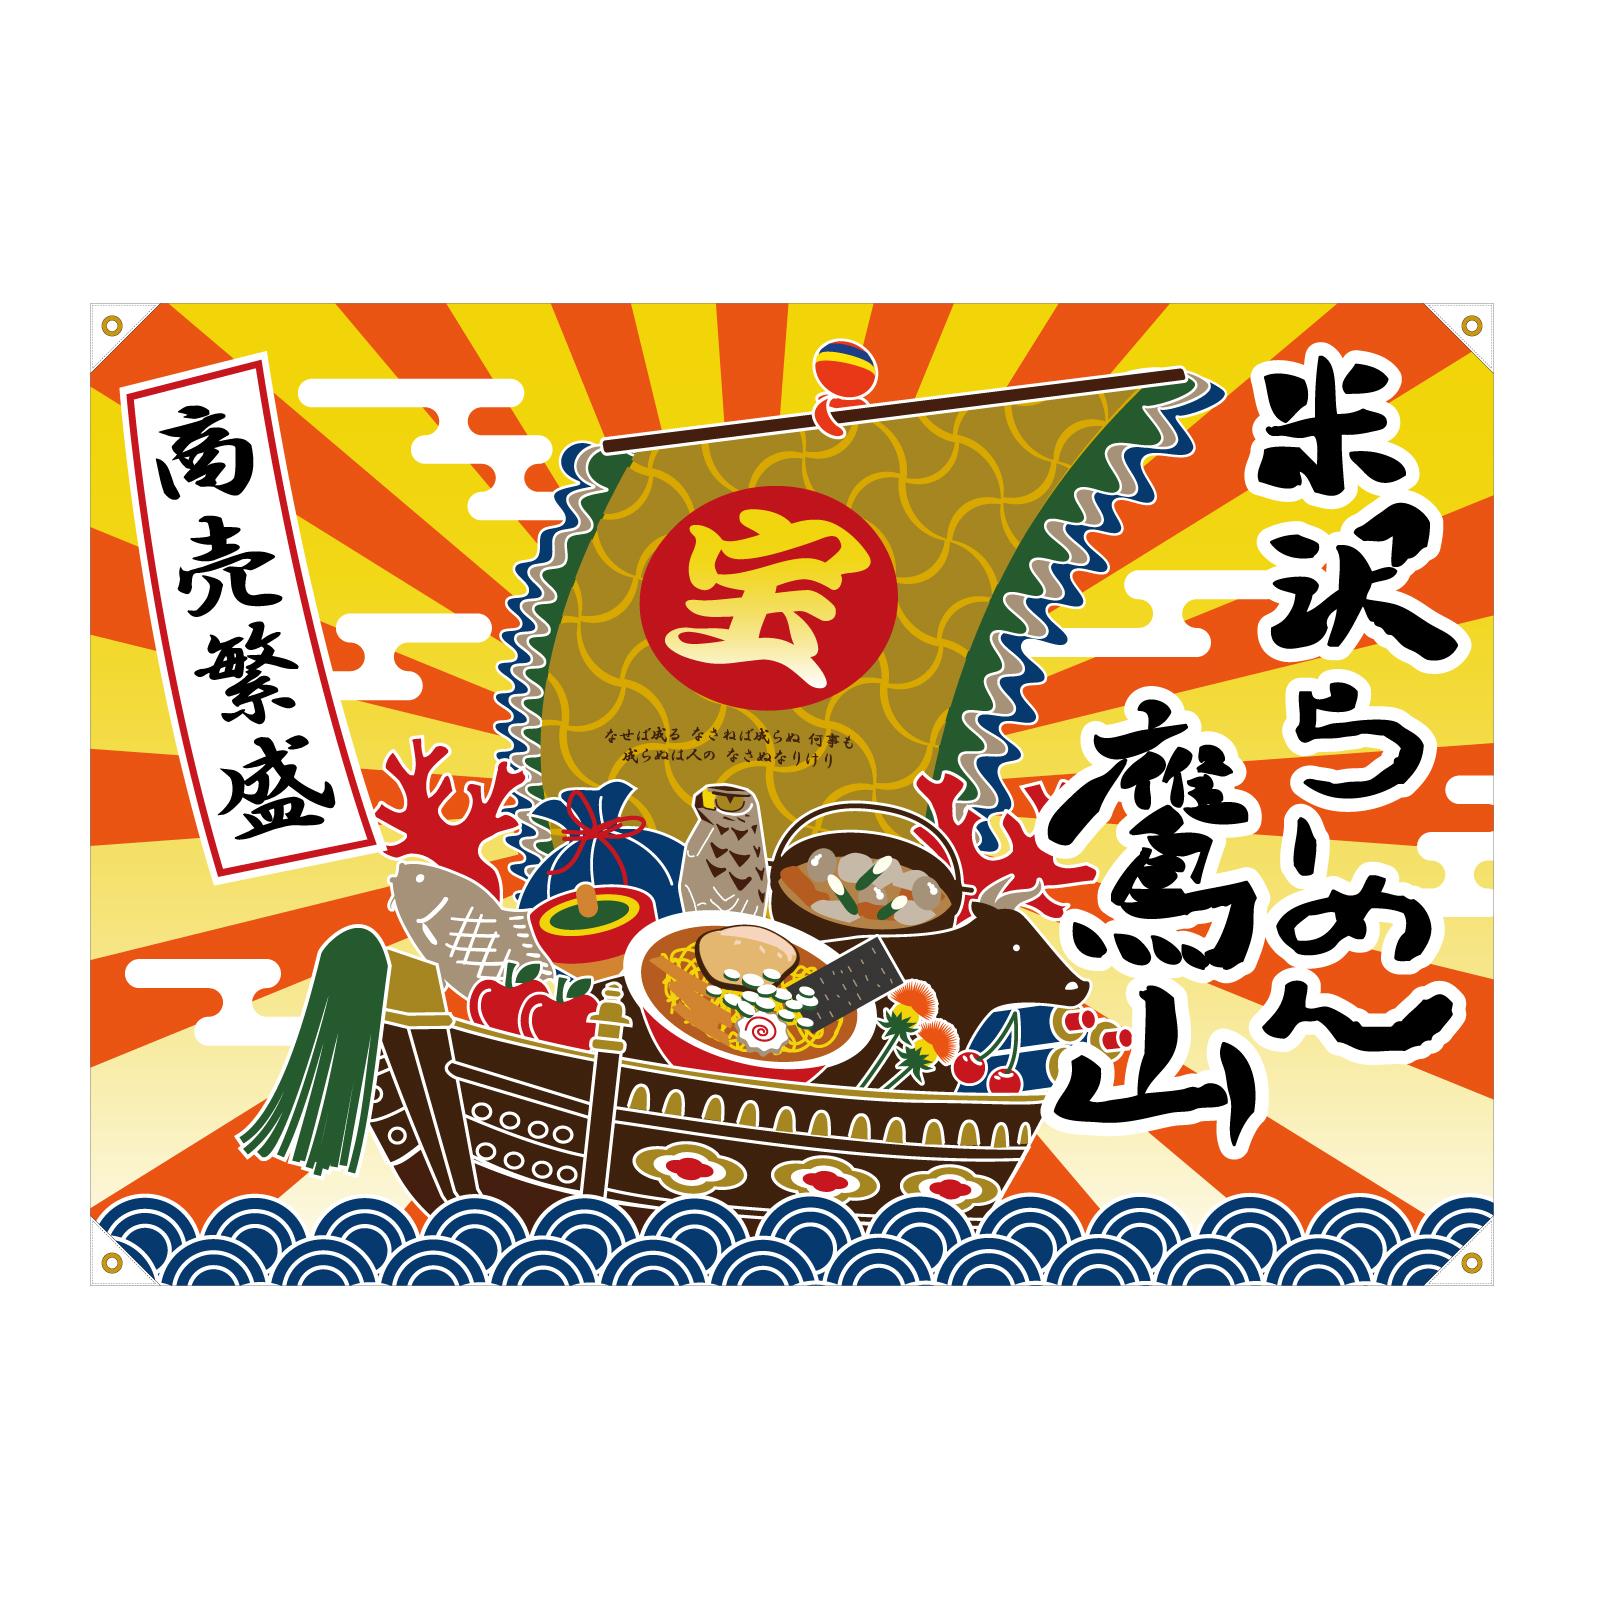 ラーメン屋の大漁旗